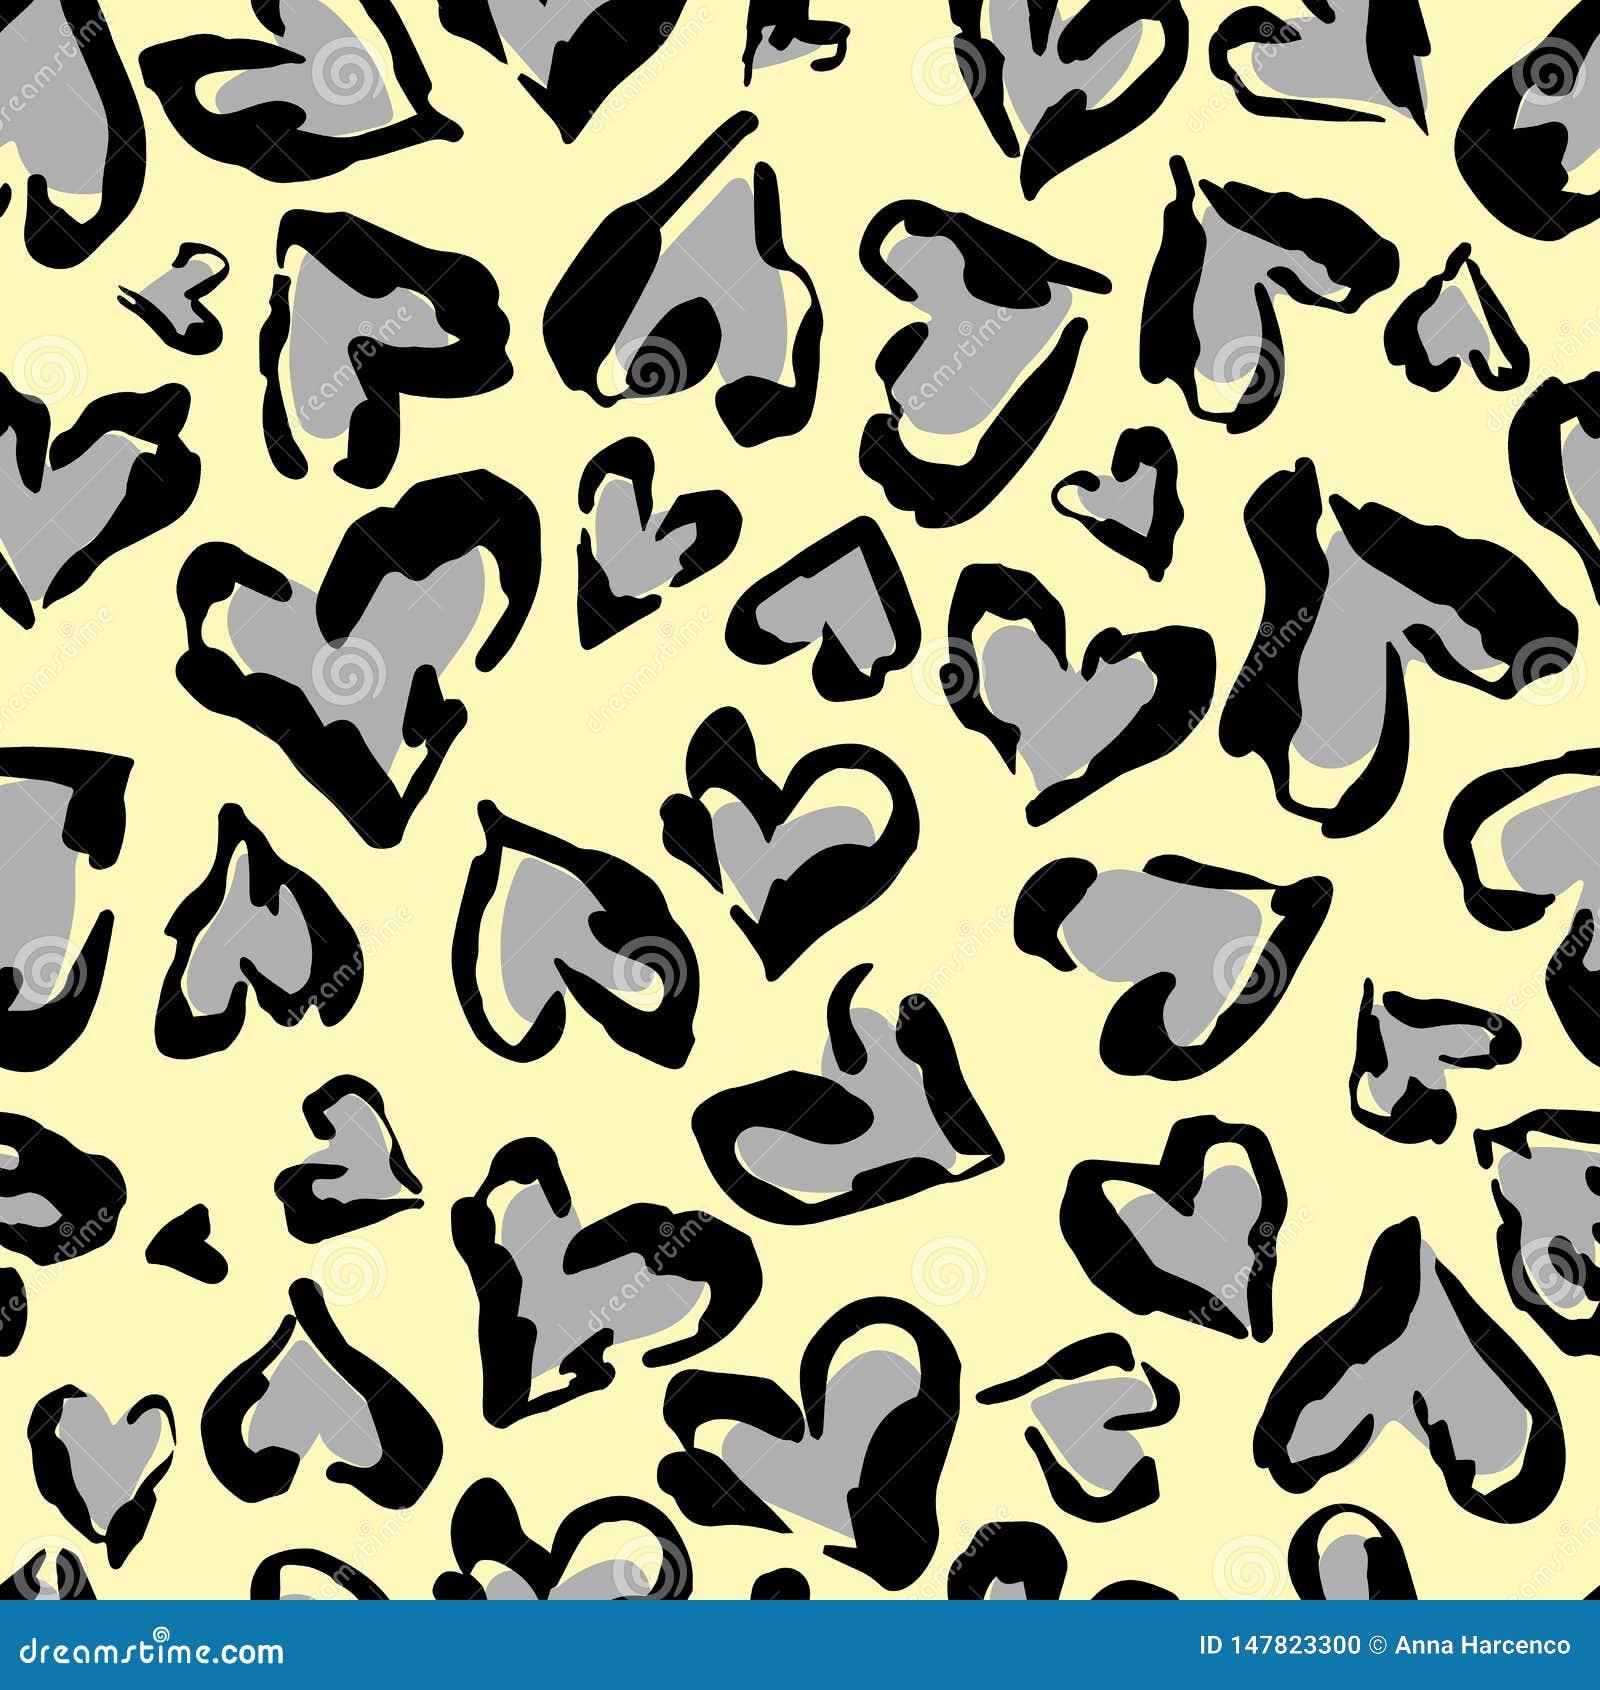 Leopardmuster Nahtloser Vektordruck Abstraktes wiederholendes Muster - Herzleopard-Hautnachahmung kann auf Kleidung gemalt werden